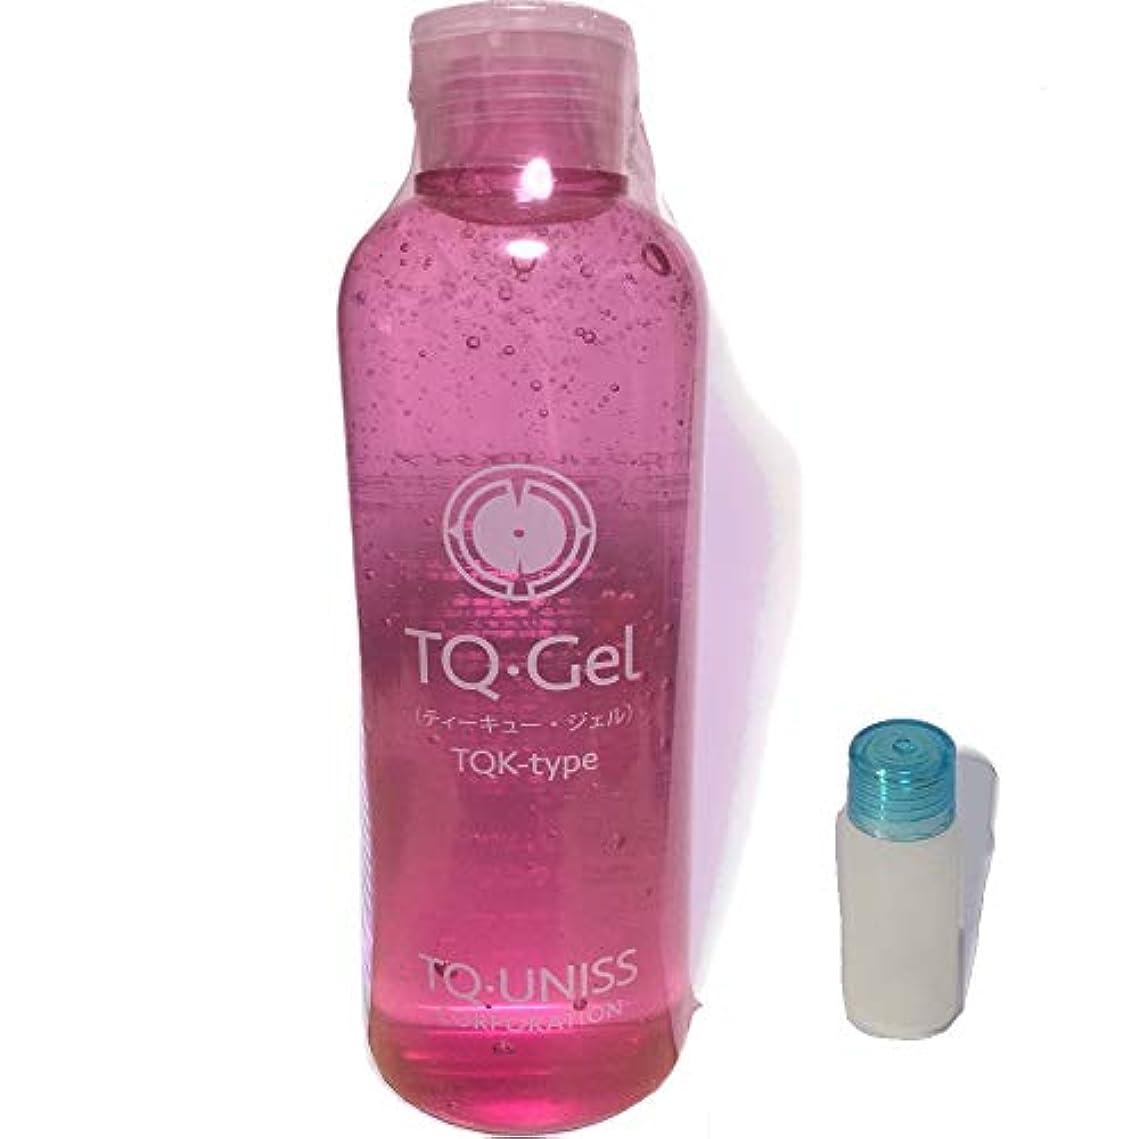 単語リーン飽和するリーニューアル TQジェル ミニボトル5mlセット厳選された自然由来の保湿成分プラス20のエネルギー [300ml] ピンクボトル